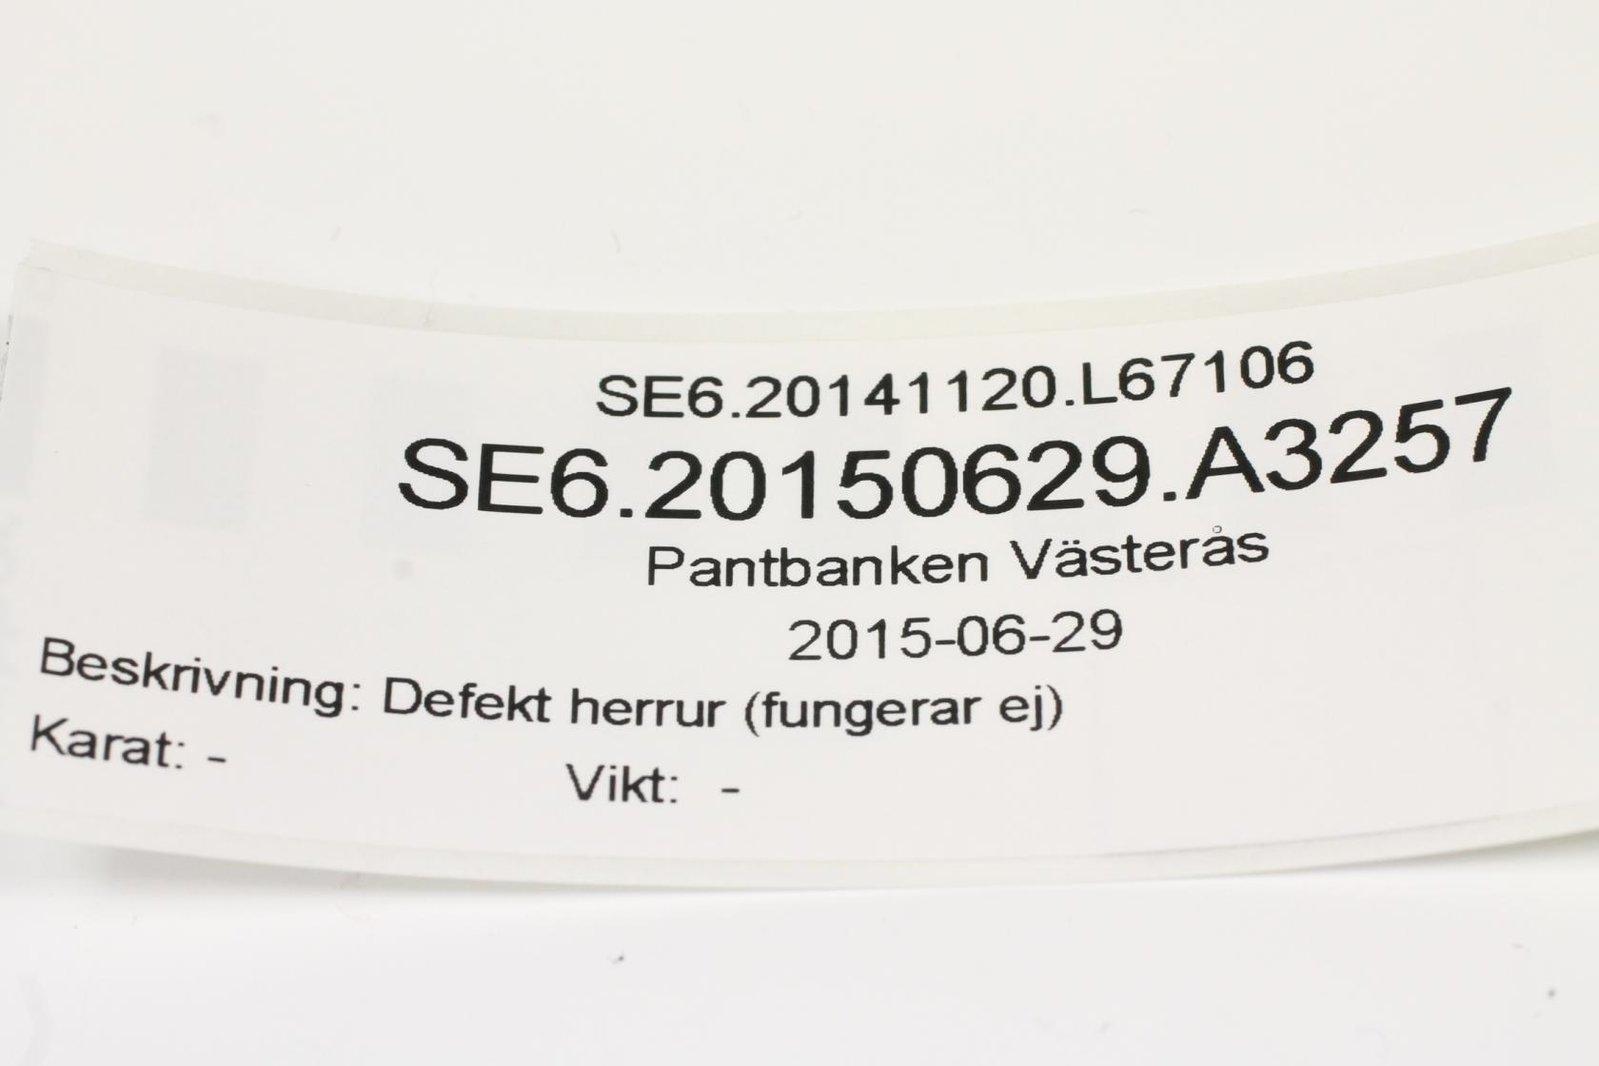 auktionsvara_498799_stor.jpg